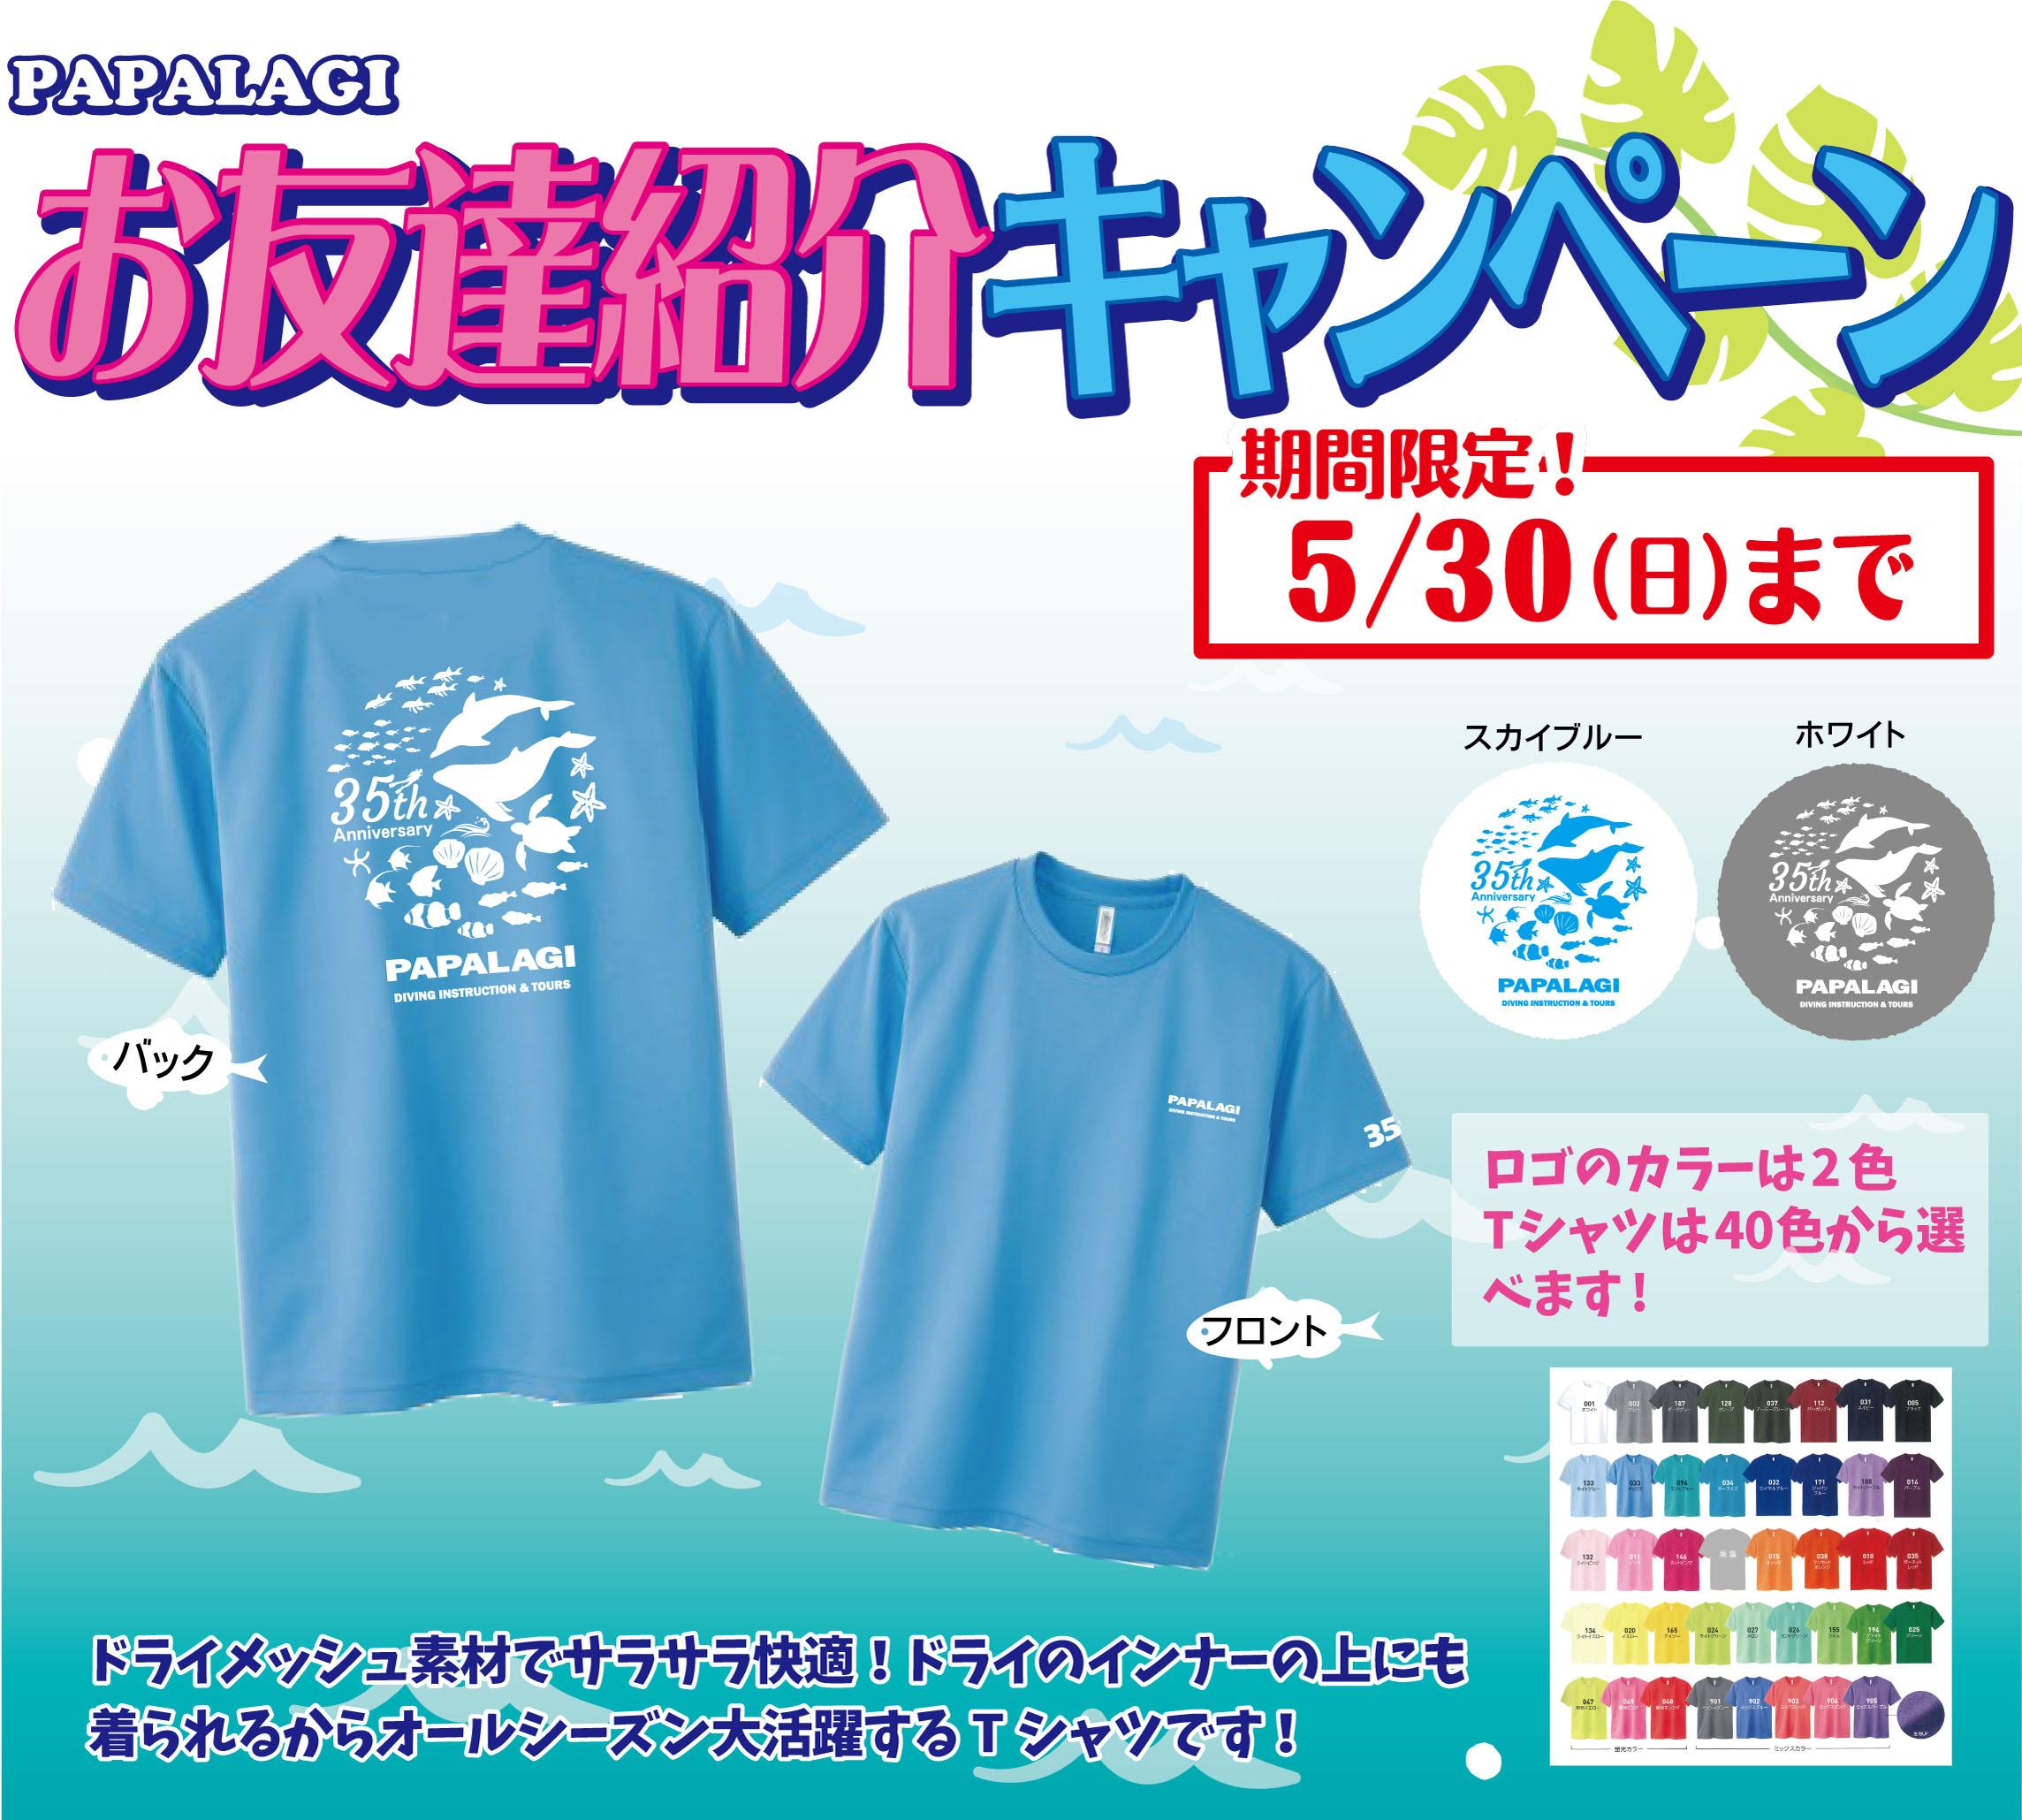 お友達紹介キャンペーン ご紹介いただいた方に、「パパラギ35周年限定Tシャツプレゼント!